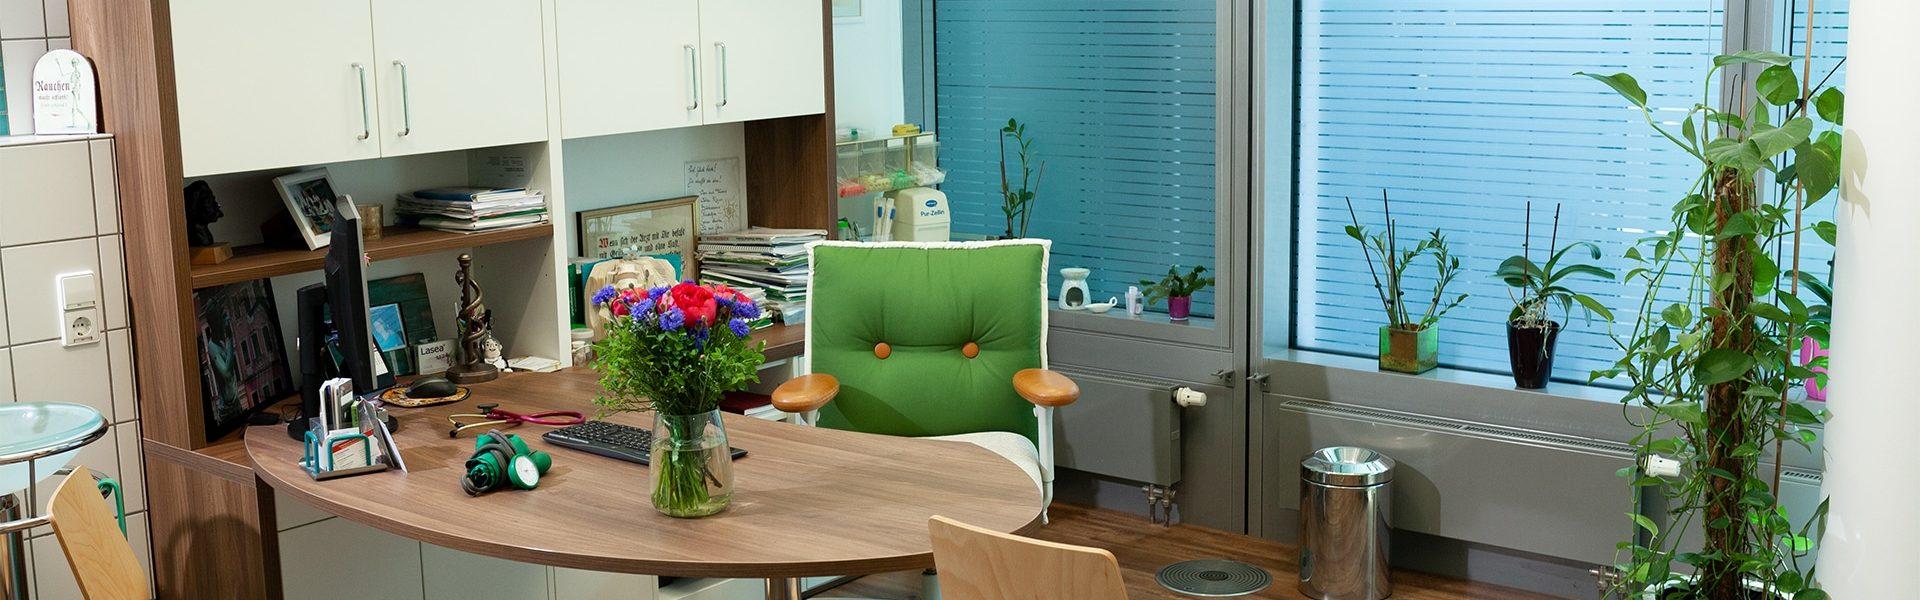 Eines unserer Patientenzimmer